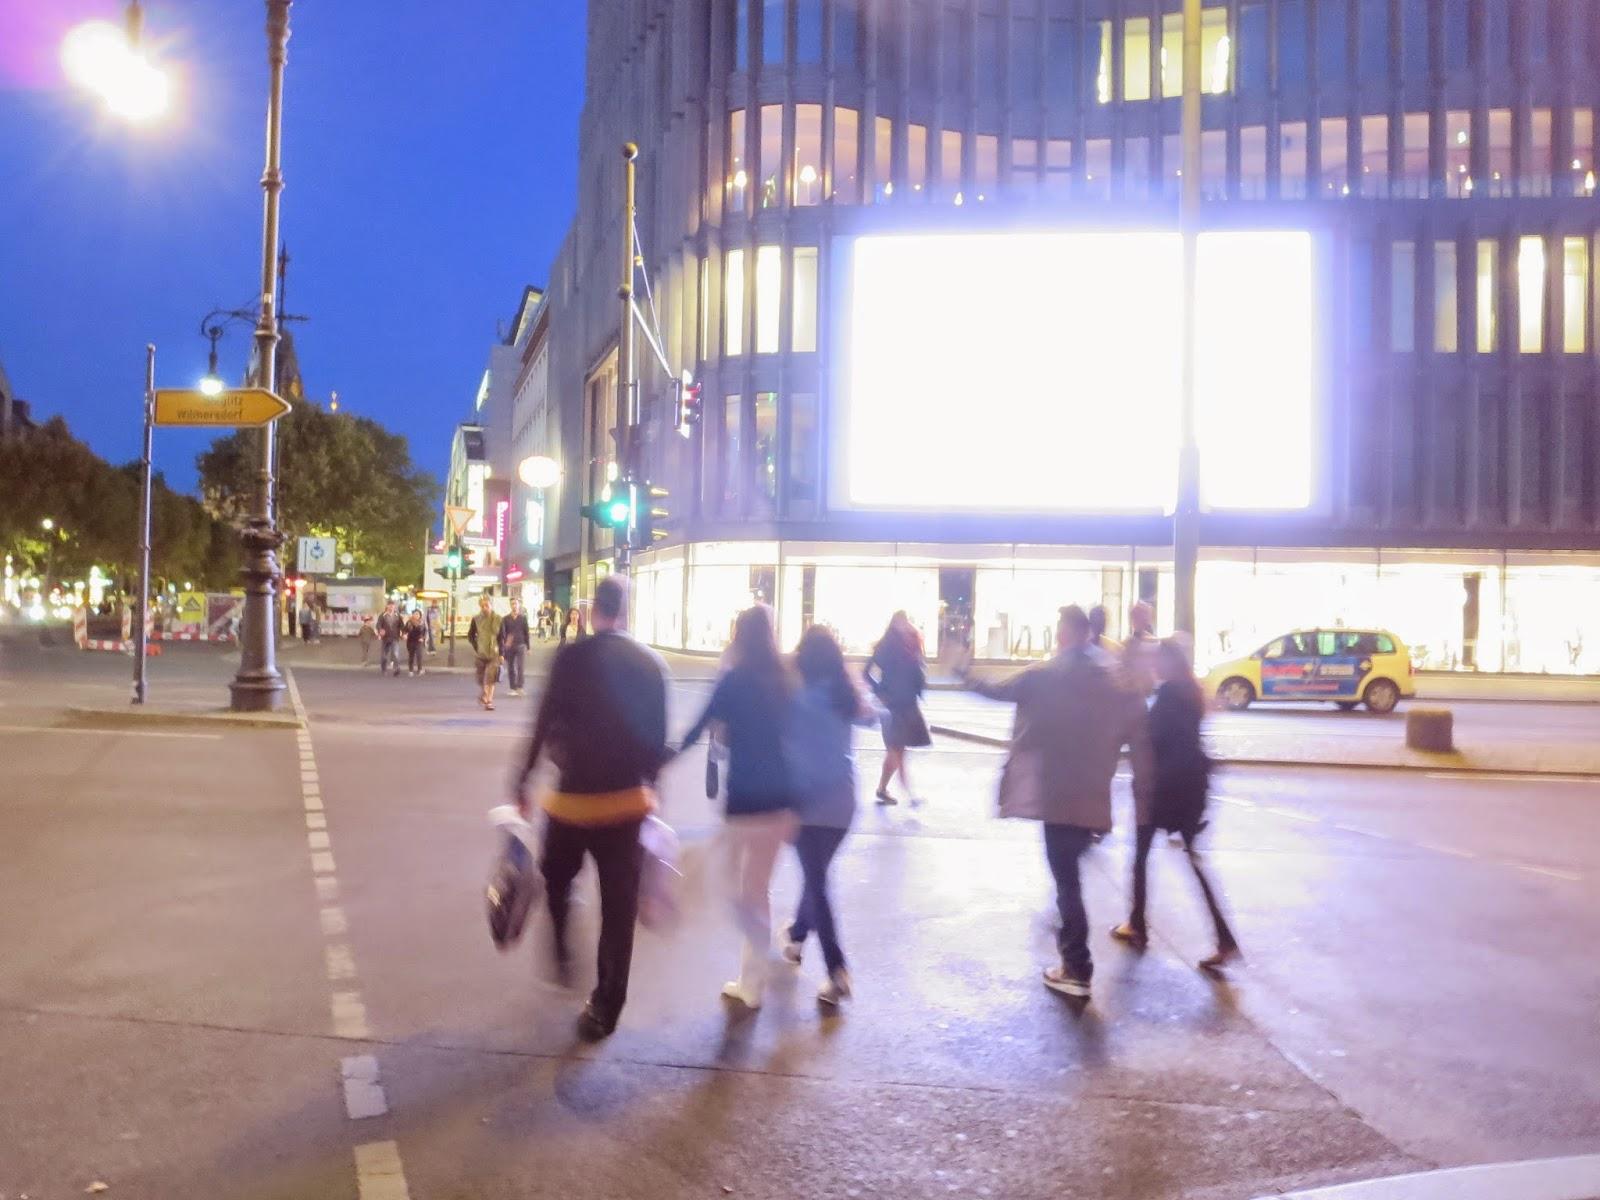 Belichtung auf Helligkeitsniveau der Straße eingestellt